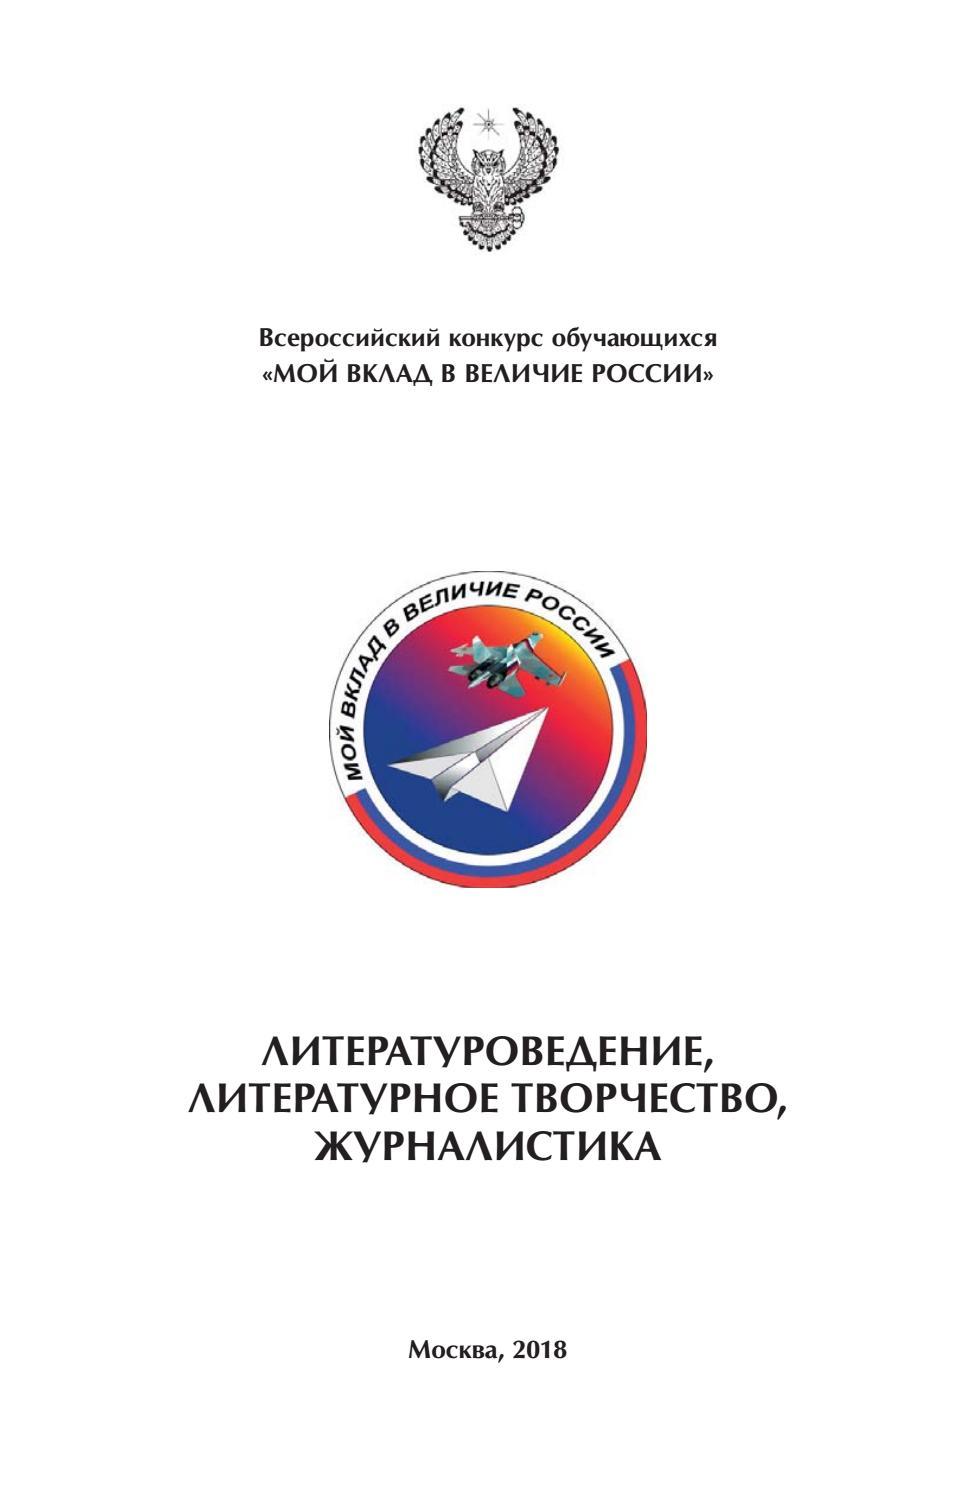 f2329b06f 2 том Сборник тезисов работ победителей Всероссийского конкурса